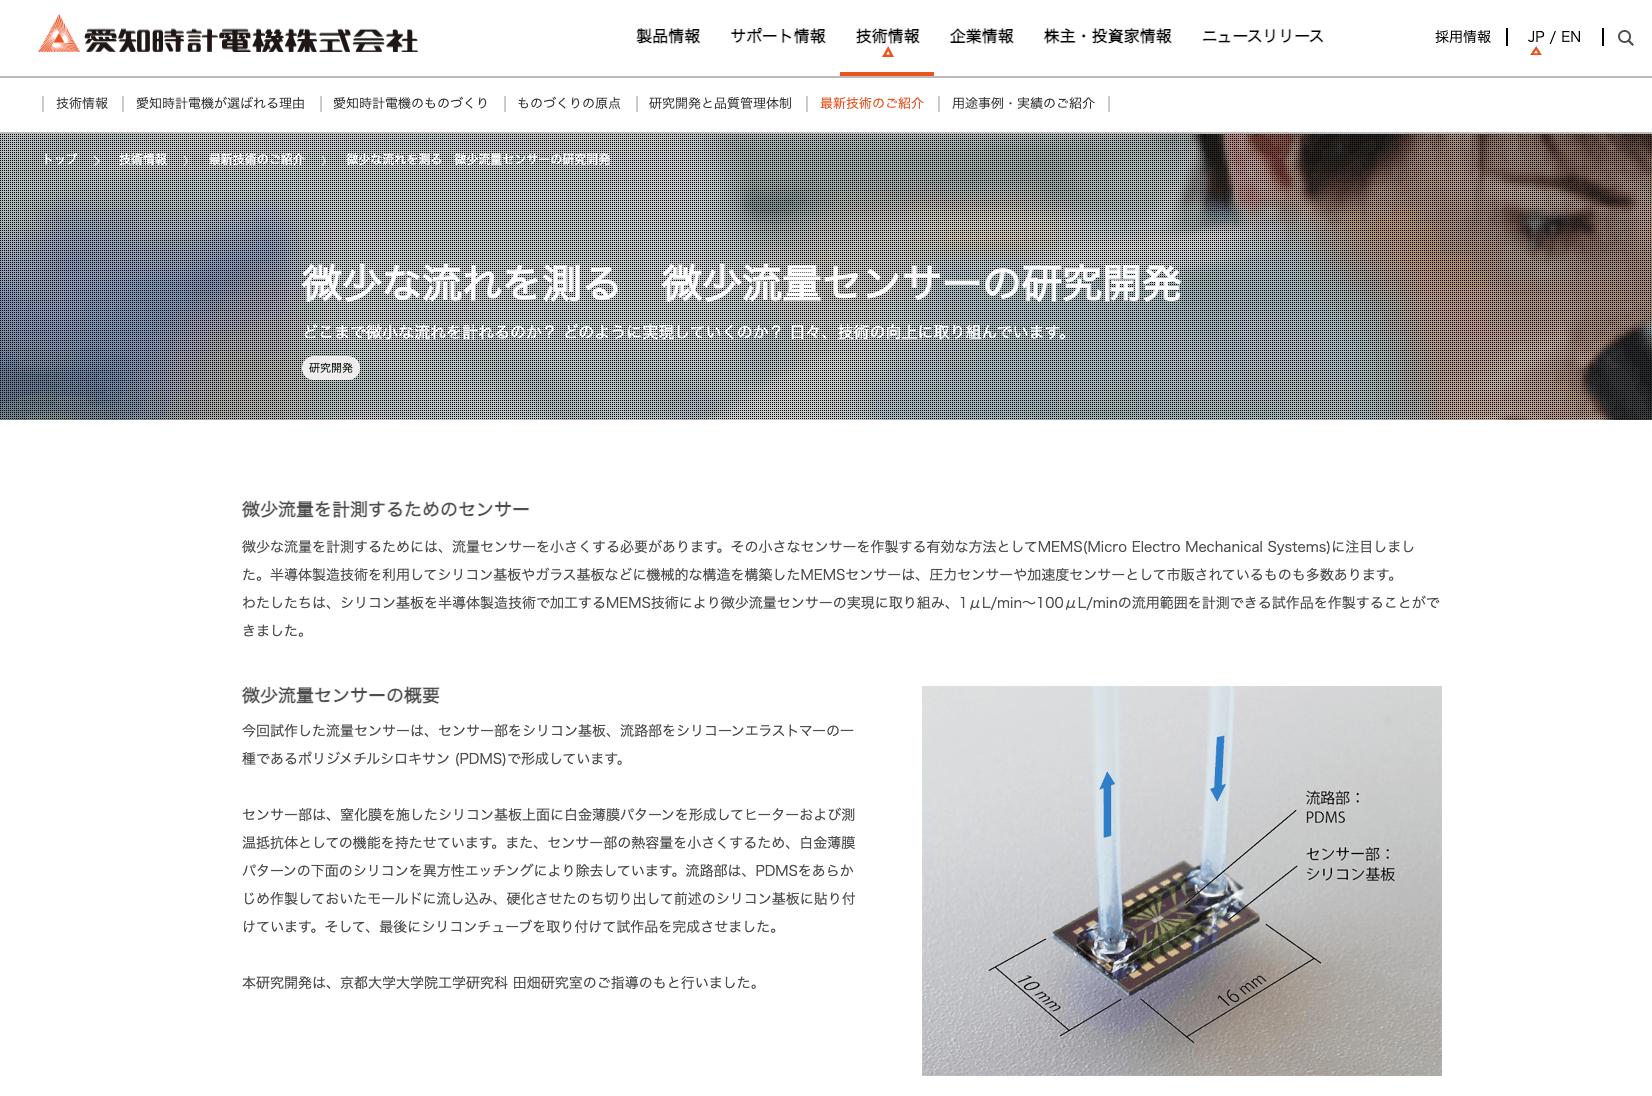 微少流量センサー OF-Z(MICROSTREAM)